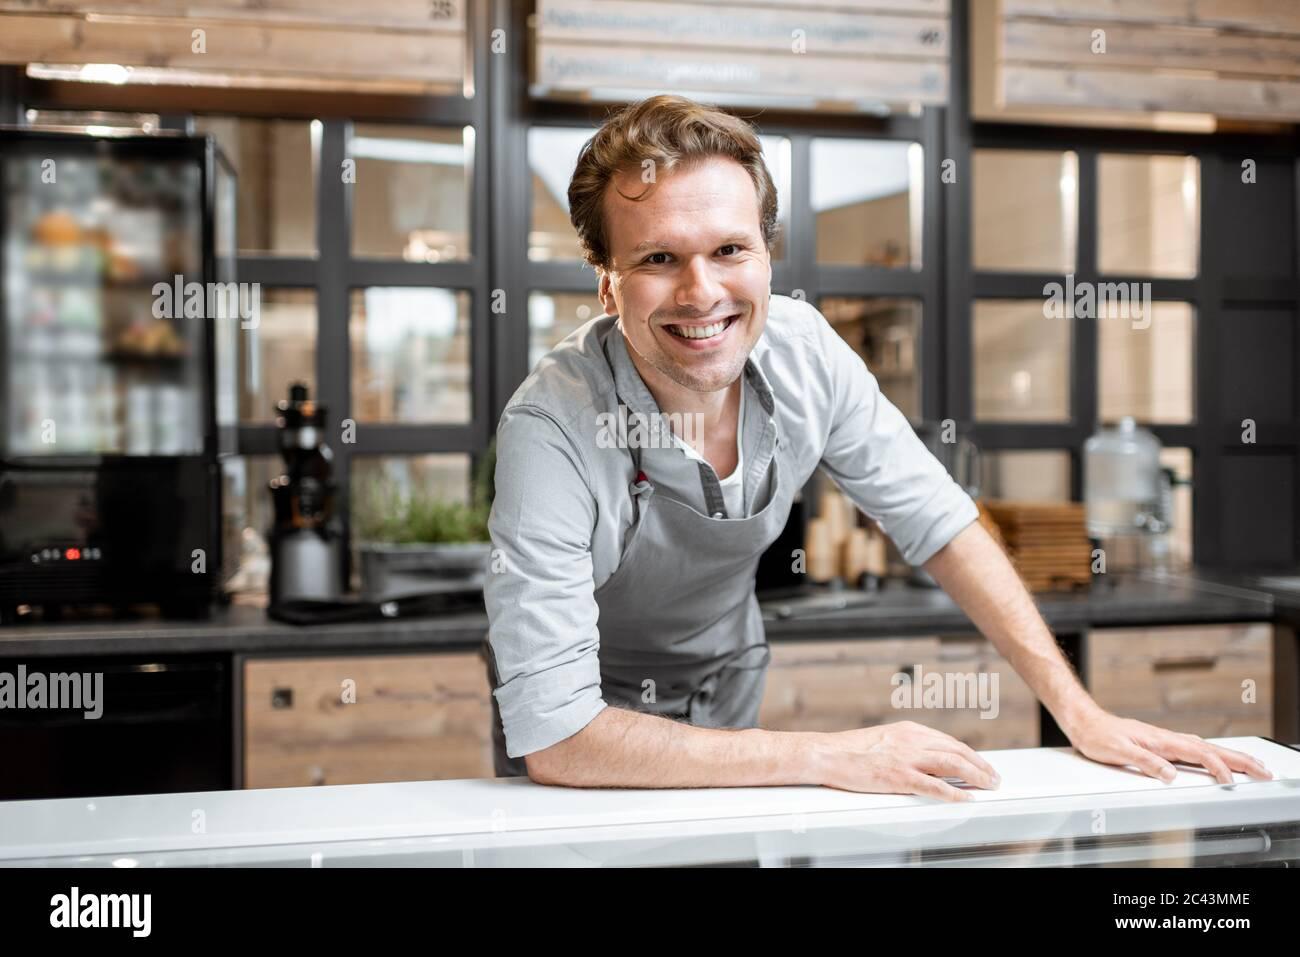 Retrato de un alegre vendedor en un delantal de pie detrás del mostrador de una pequeña tienda o cafetería. Concepto de pequeña empresa y trabajo en el campo de los servicios Foto de stock